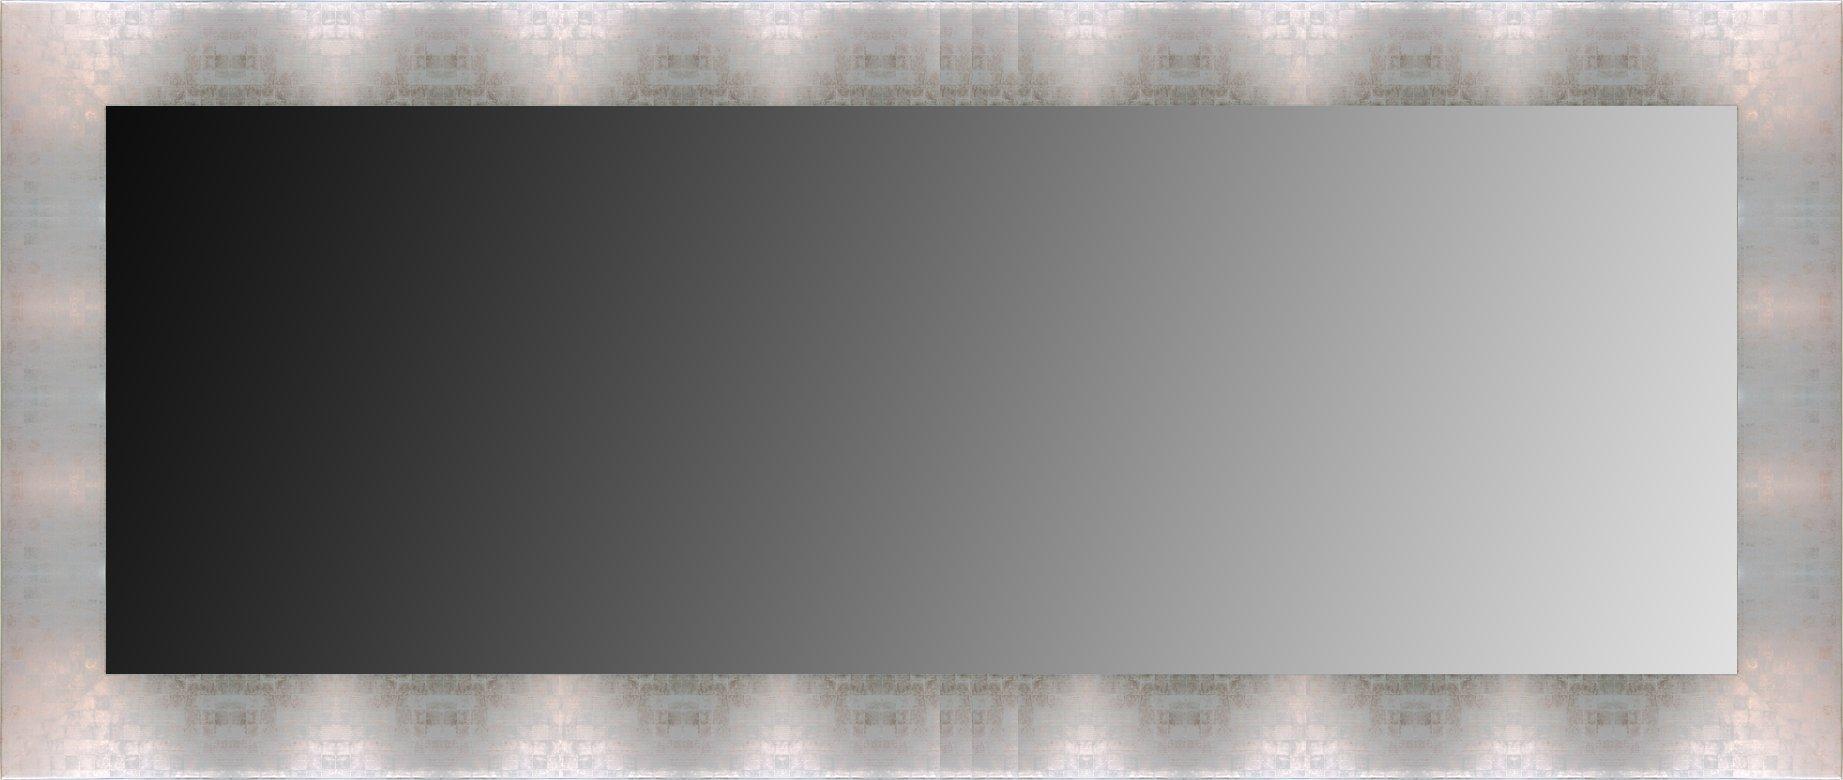 Canvases Levante da0013–7Mirror Decorative Bath/Receiver, 116x 76cm–Silver